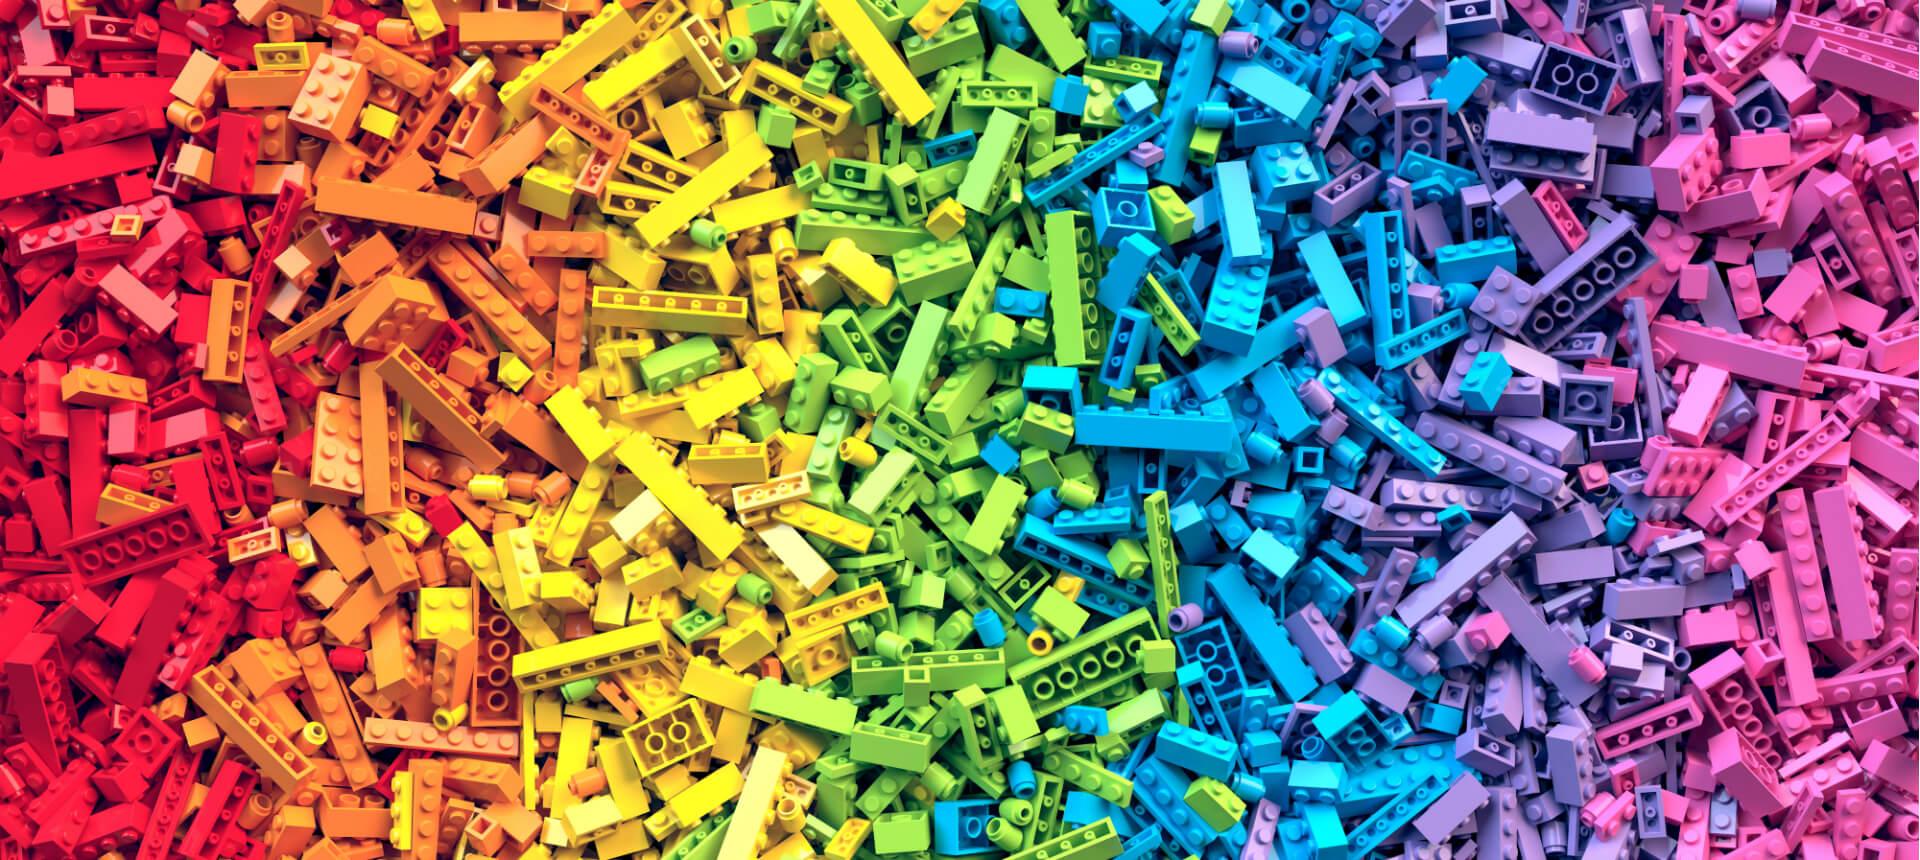 Polymersteine Lego bunt